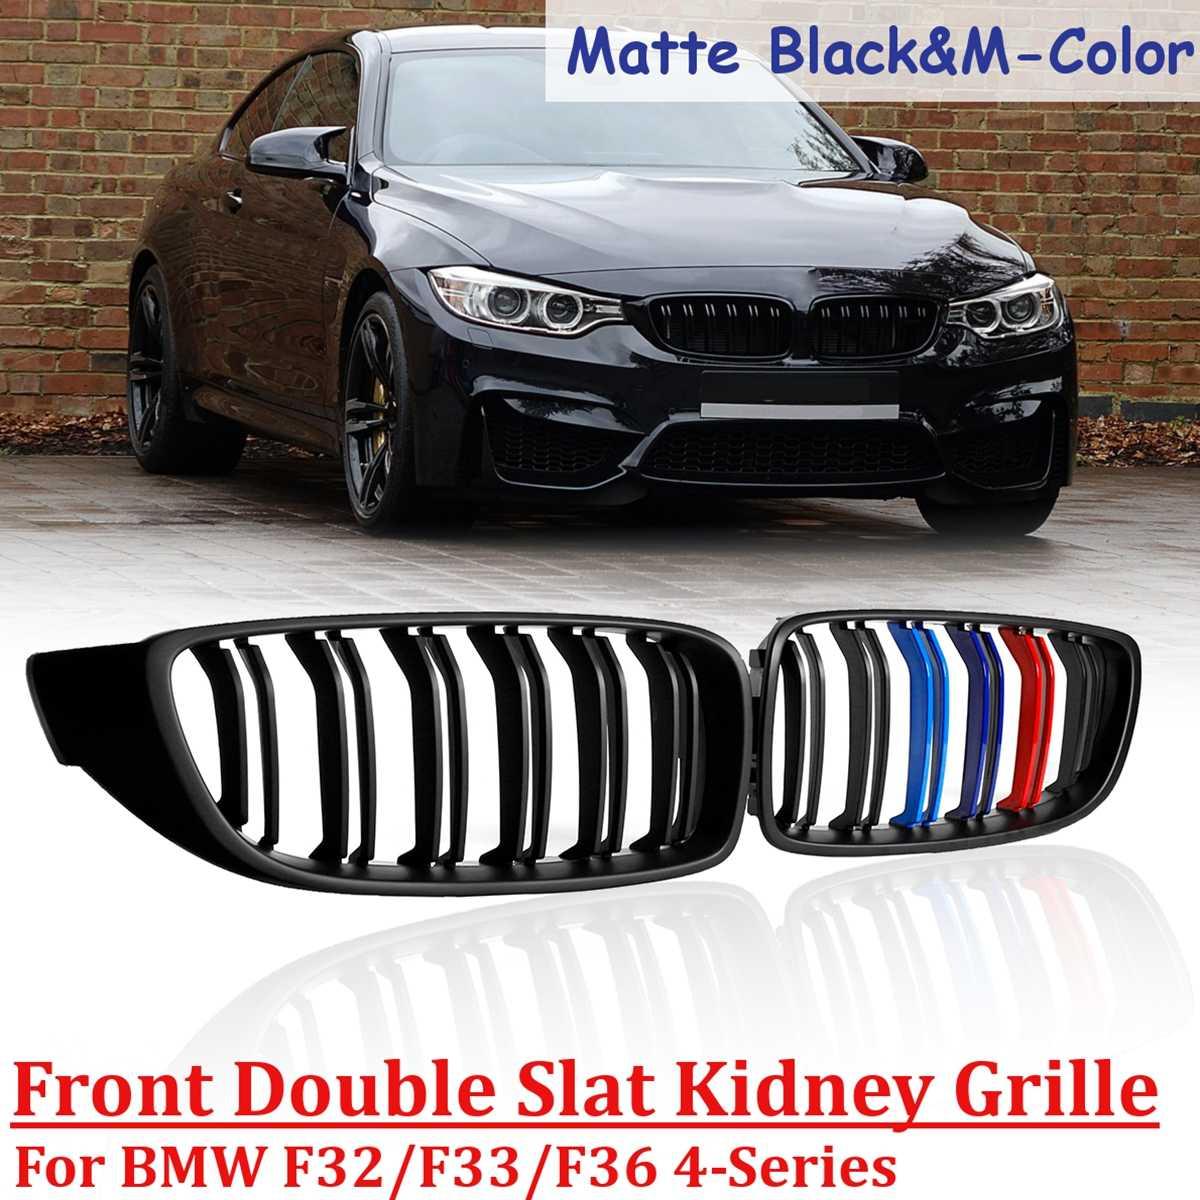 1 par brillante Negro-M color mate negro reja de riñonera doble listón M4 estilo deportivo parrilla para BMW F82 F80 F32 F36 2013-2016